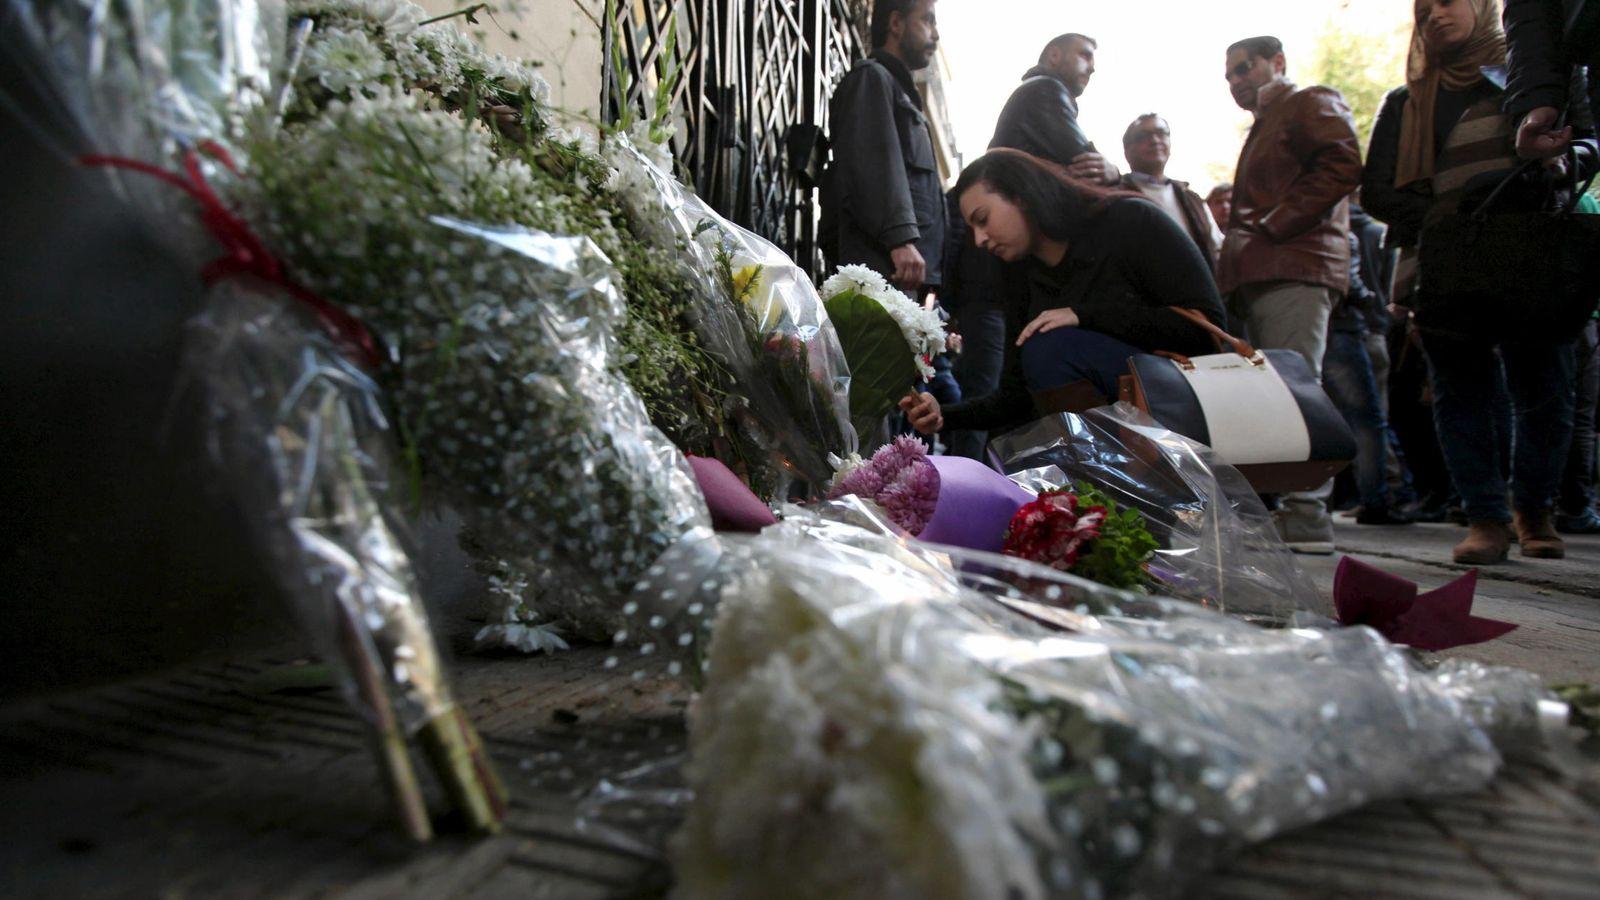 Foto: Homenaje al joven italiano asesinado Giulio Regeni ante la Embajada de Italia en El Cairo, el 6 de febrero de 2016 (Reuters).